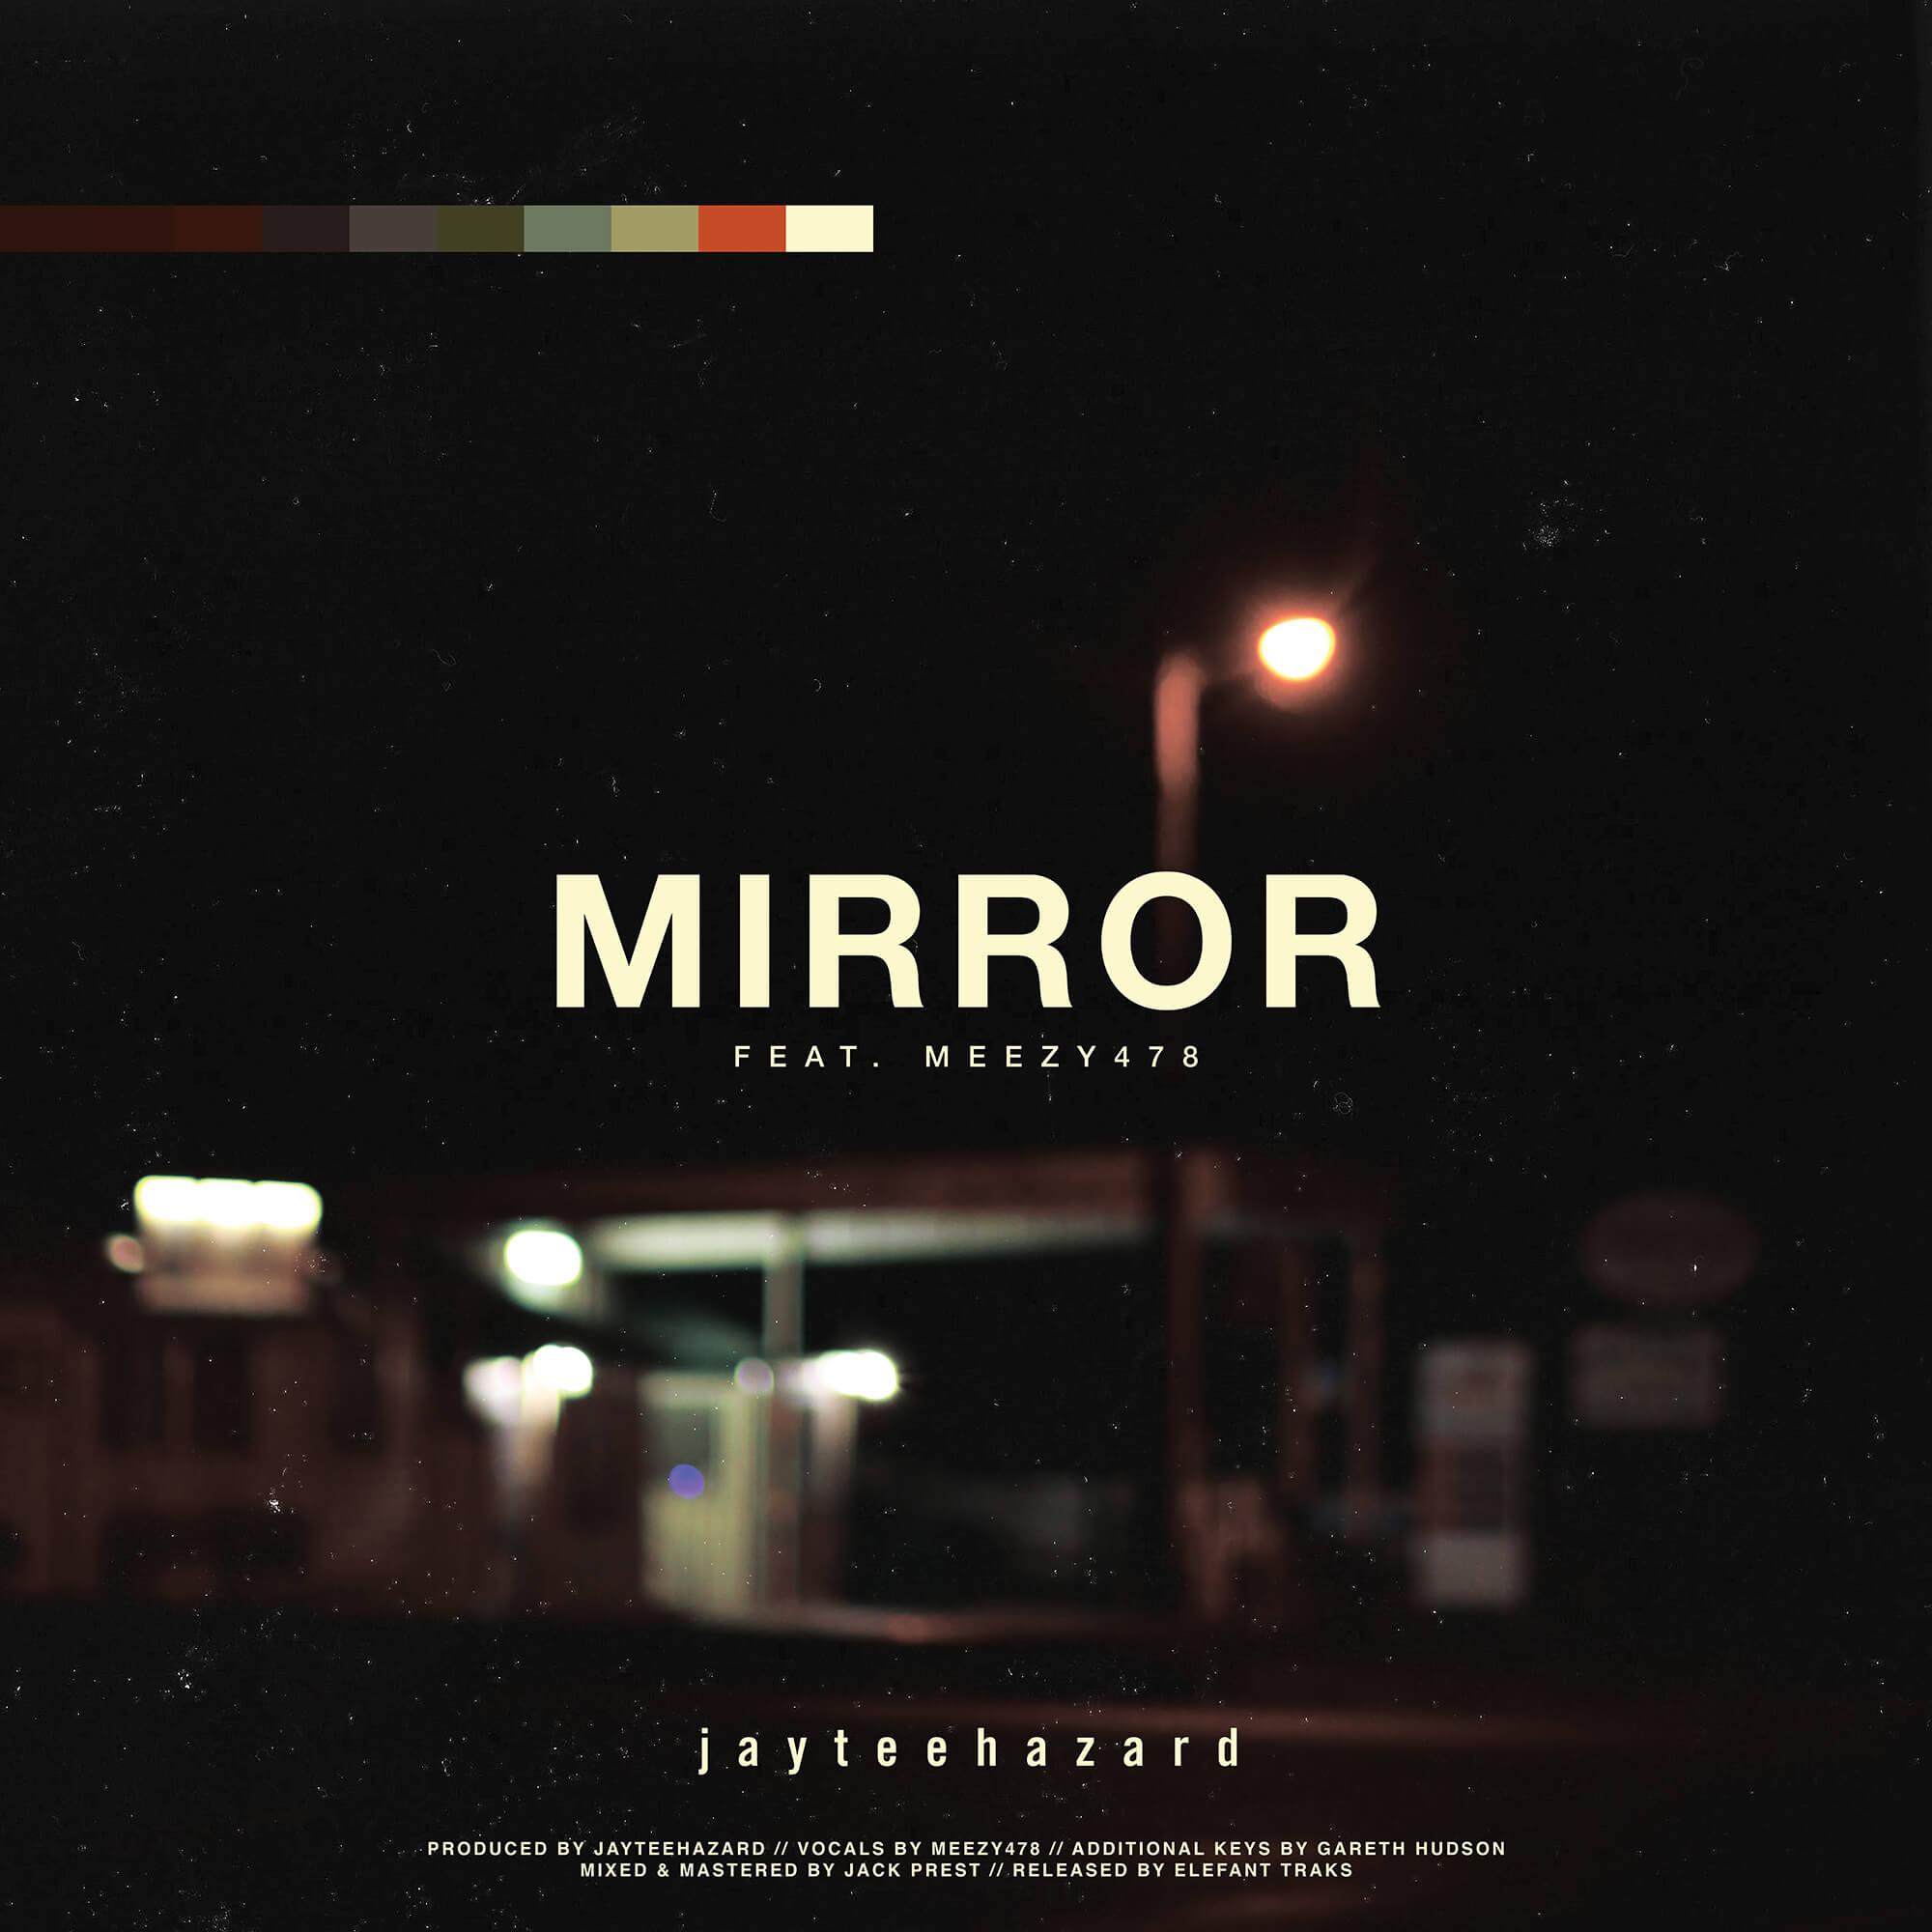 MIRROR (Art) - FINAL.jpg